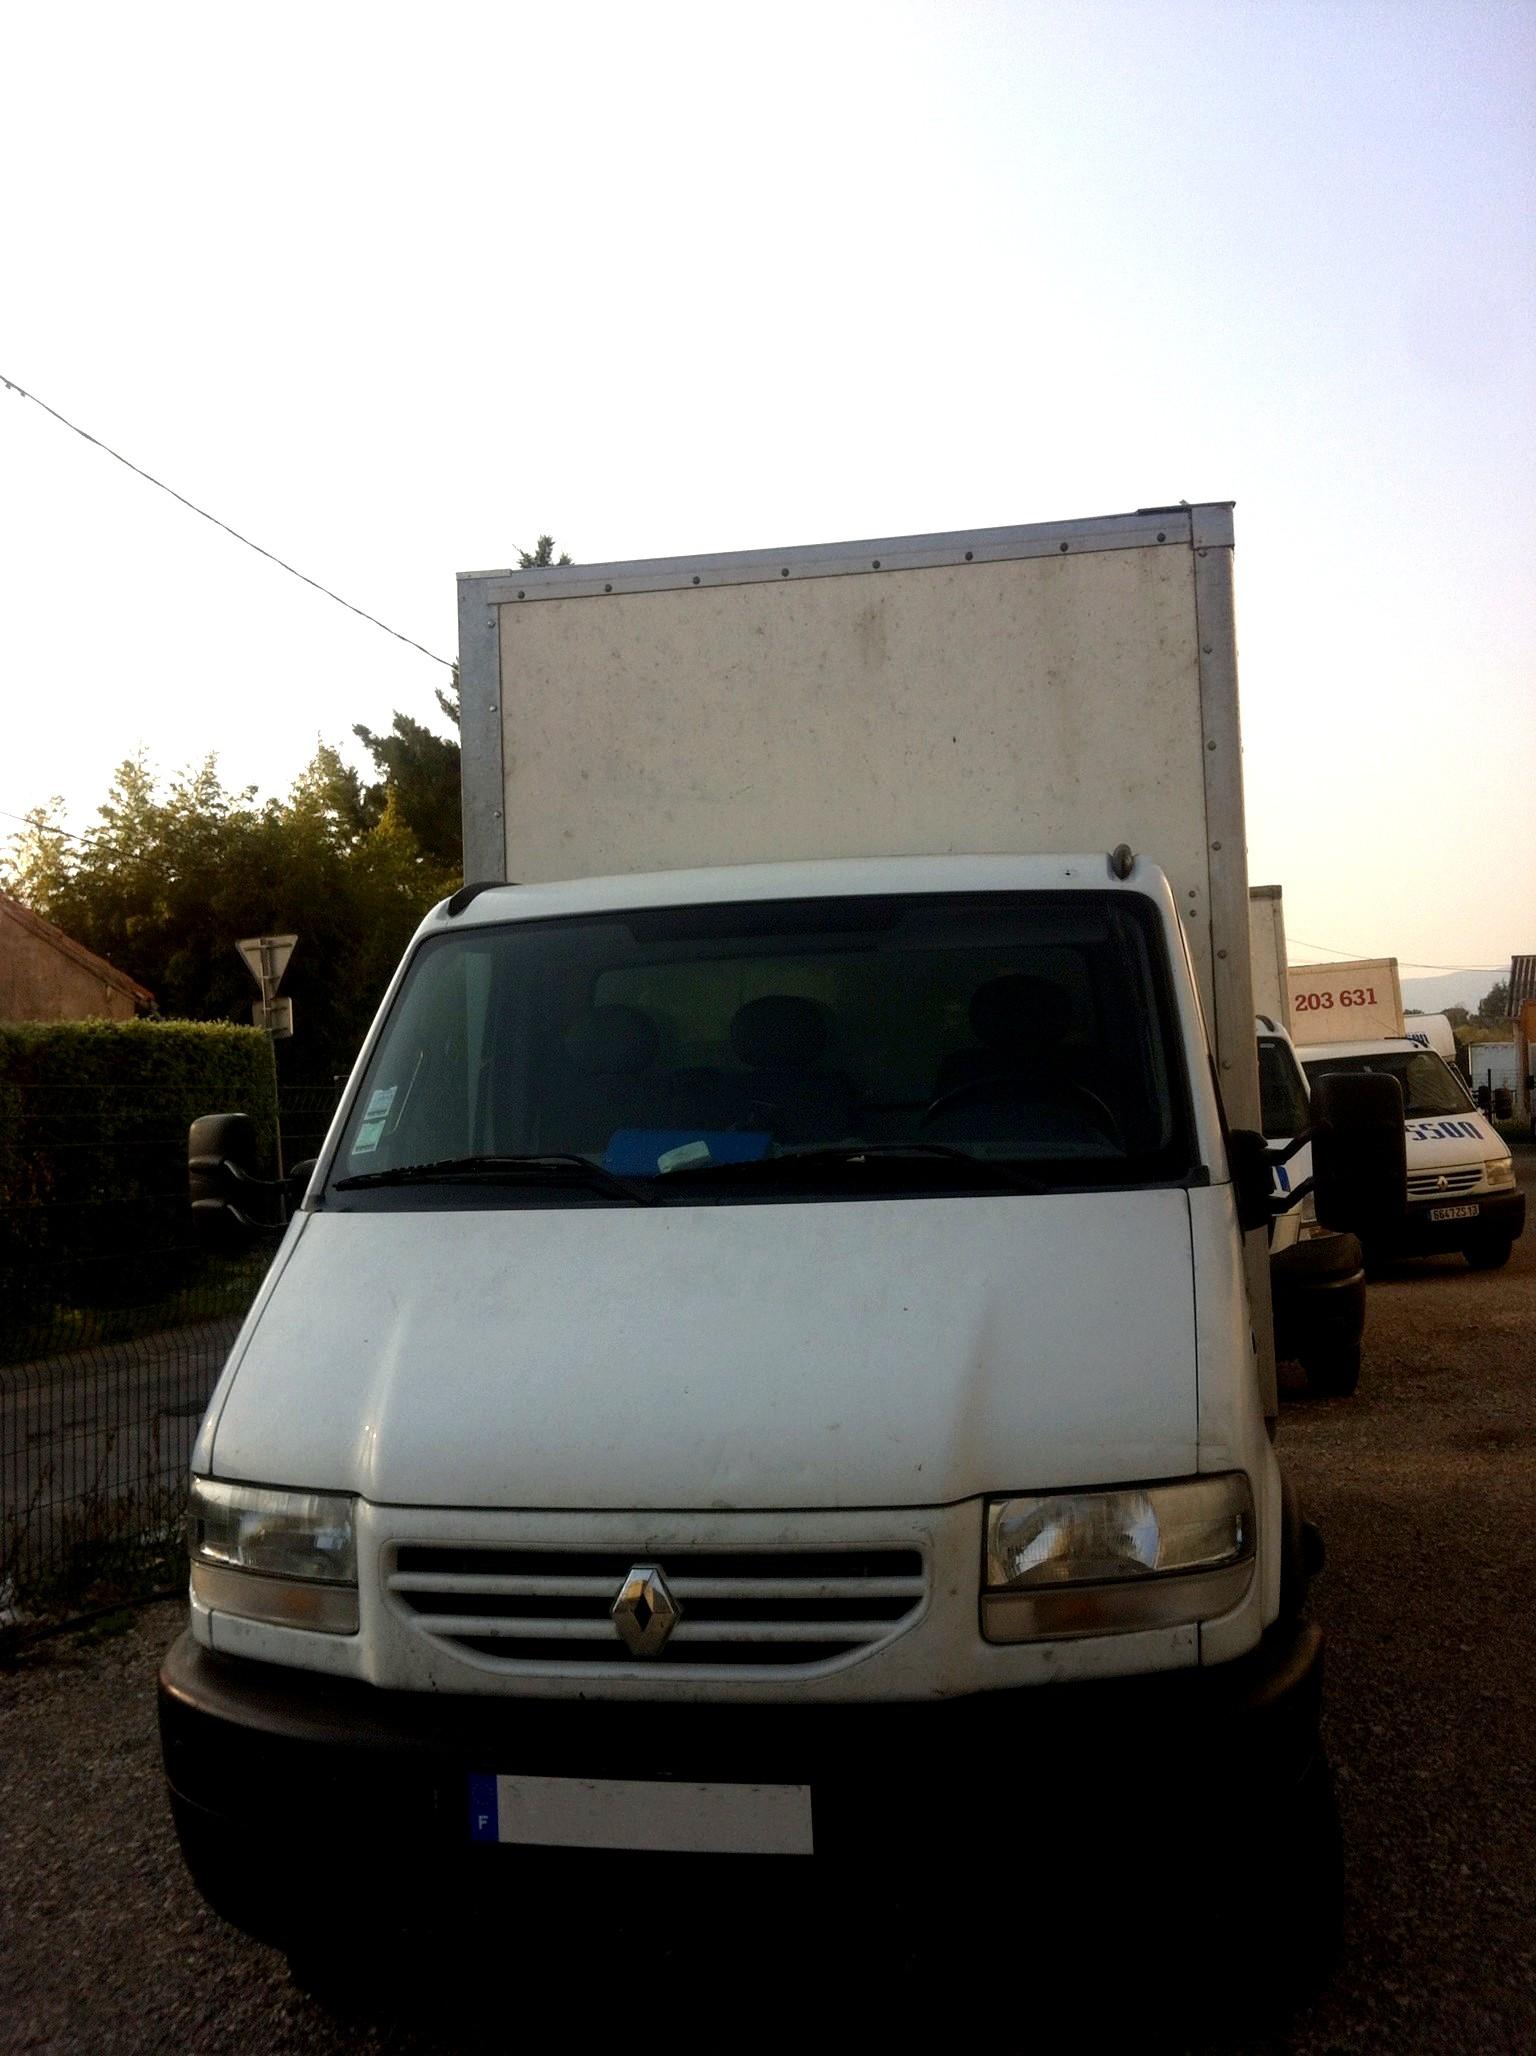 Location camion avec chauffeur - 20m3 soit environ 50m2